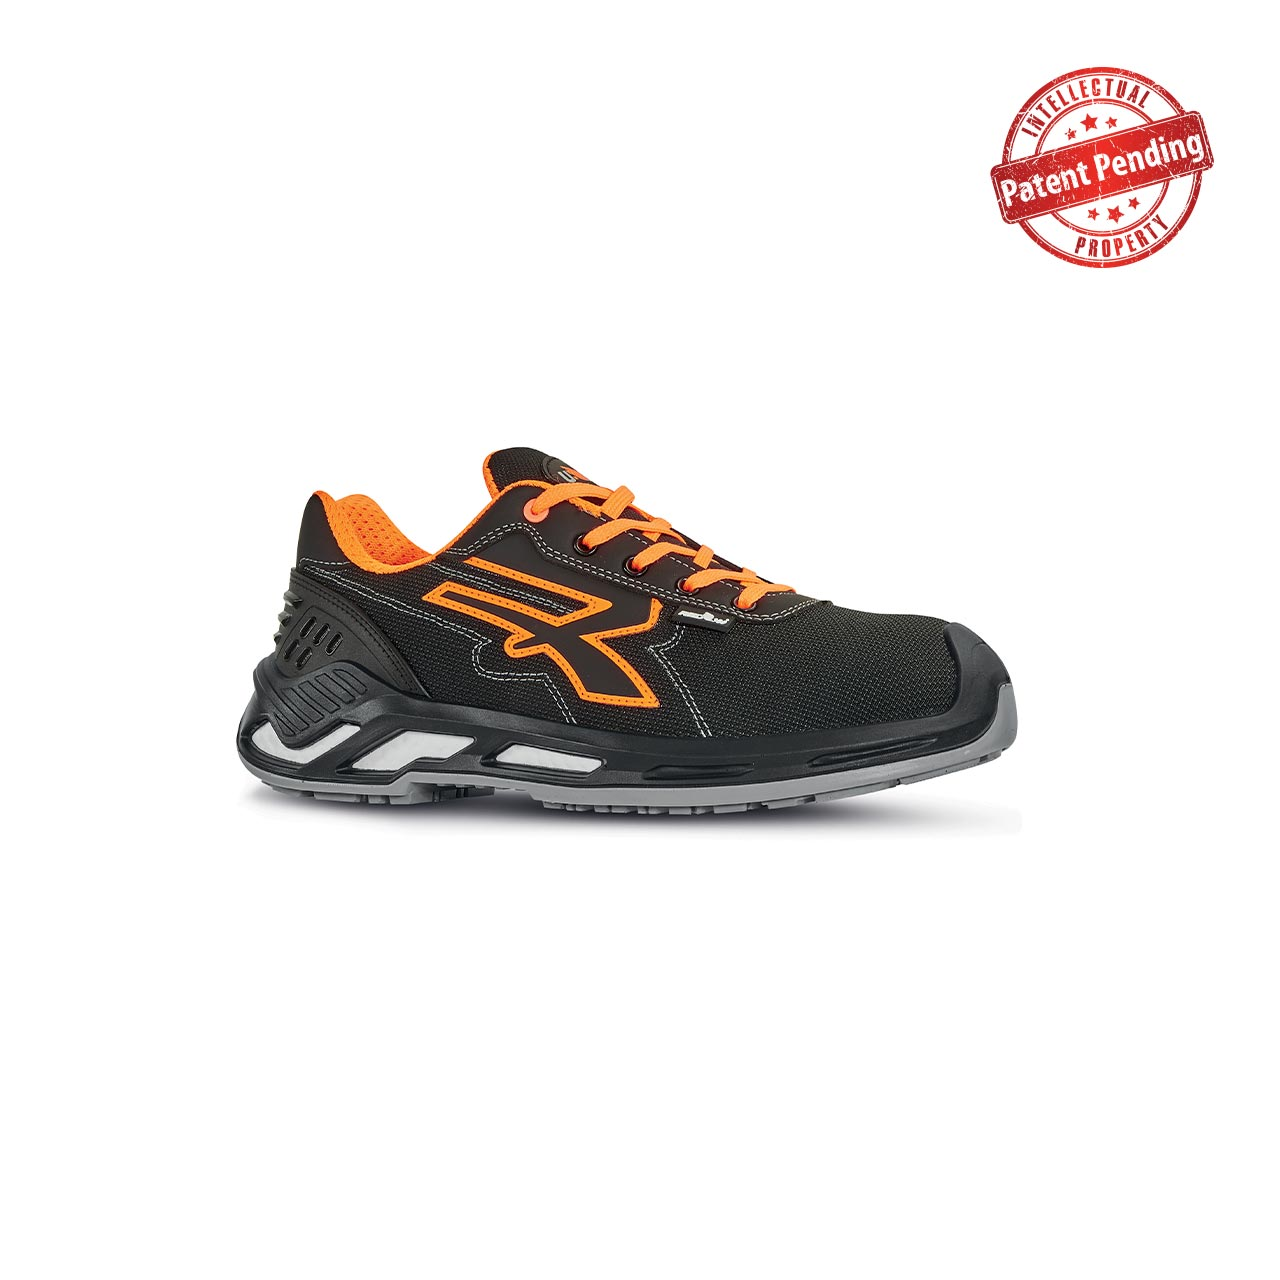 scarpa antinfortunistica upower modello project linea red360 vista laterale